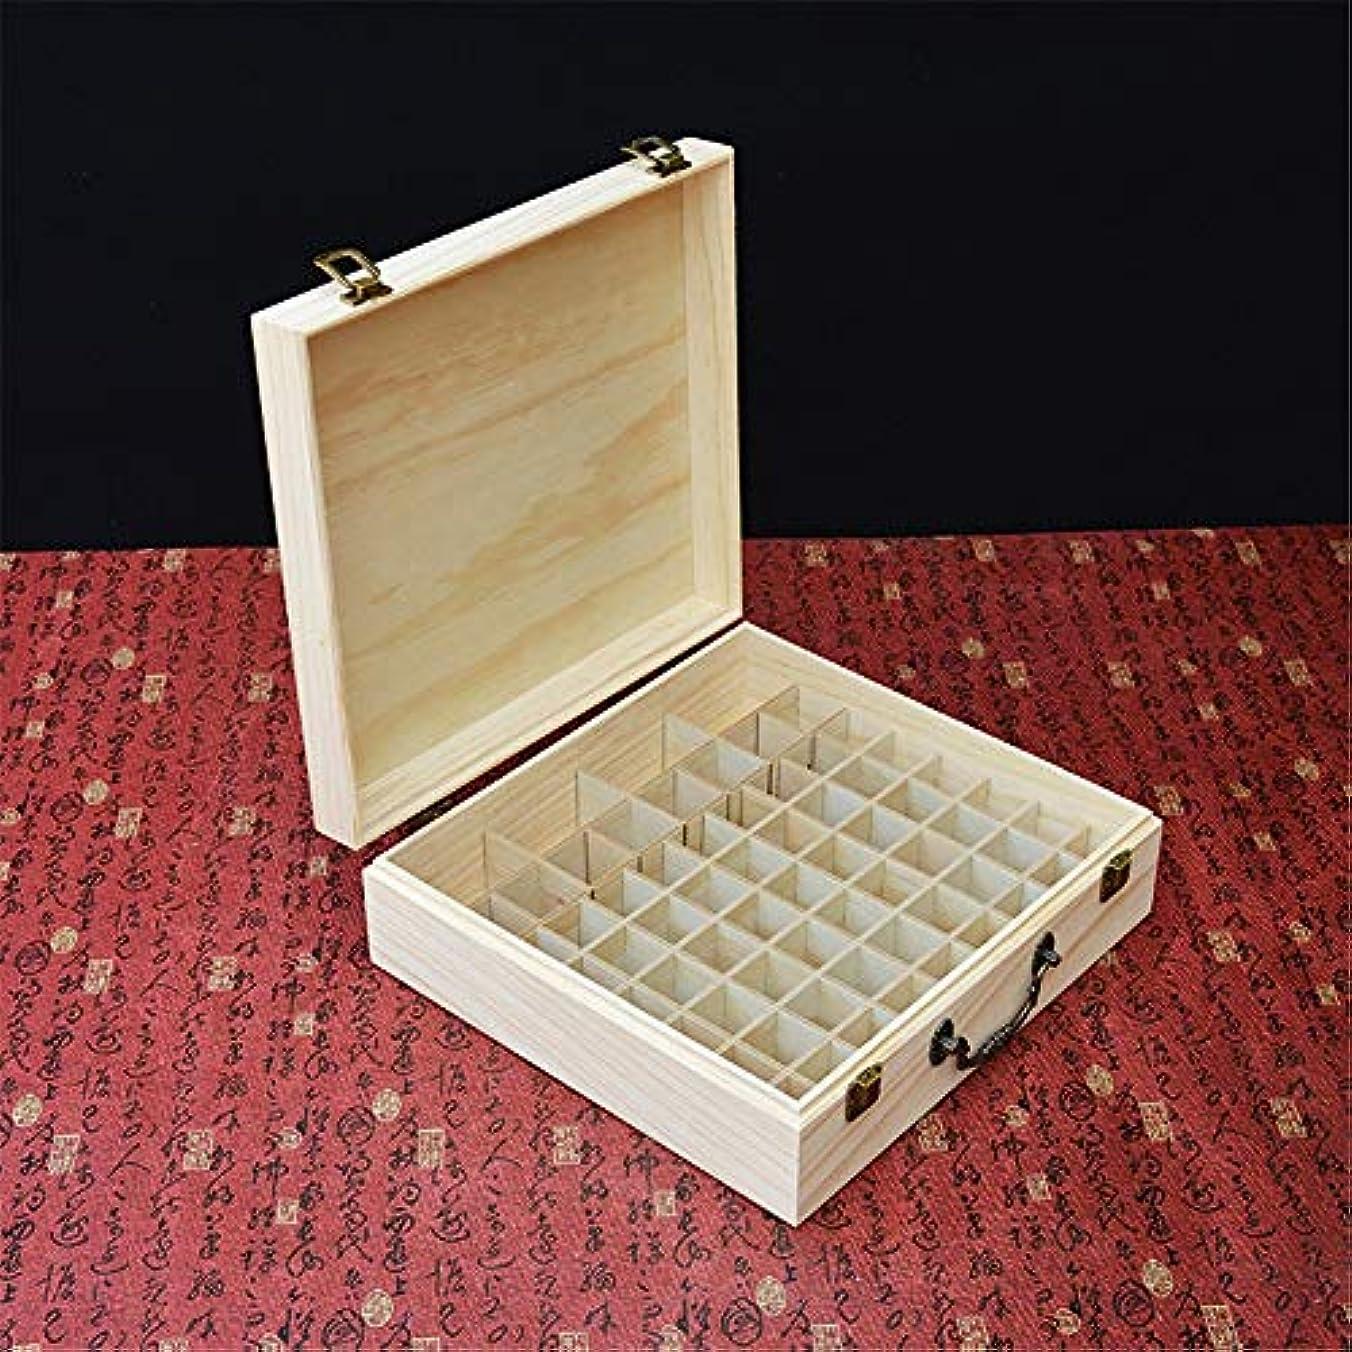 限りなくシンボル奇跡旅行やプレゼンテーションのために66スロット木製エッセンシャルオイルストレージボックスパーフェクト アロマセラピー製品 (色 : Natural, サイズ : 31.5X29X10CM)